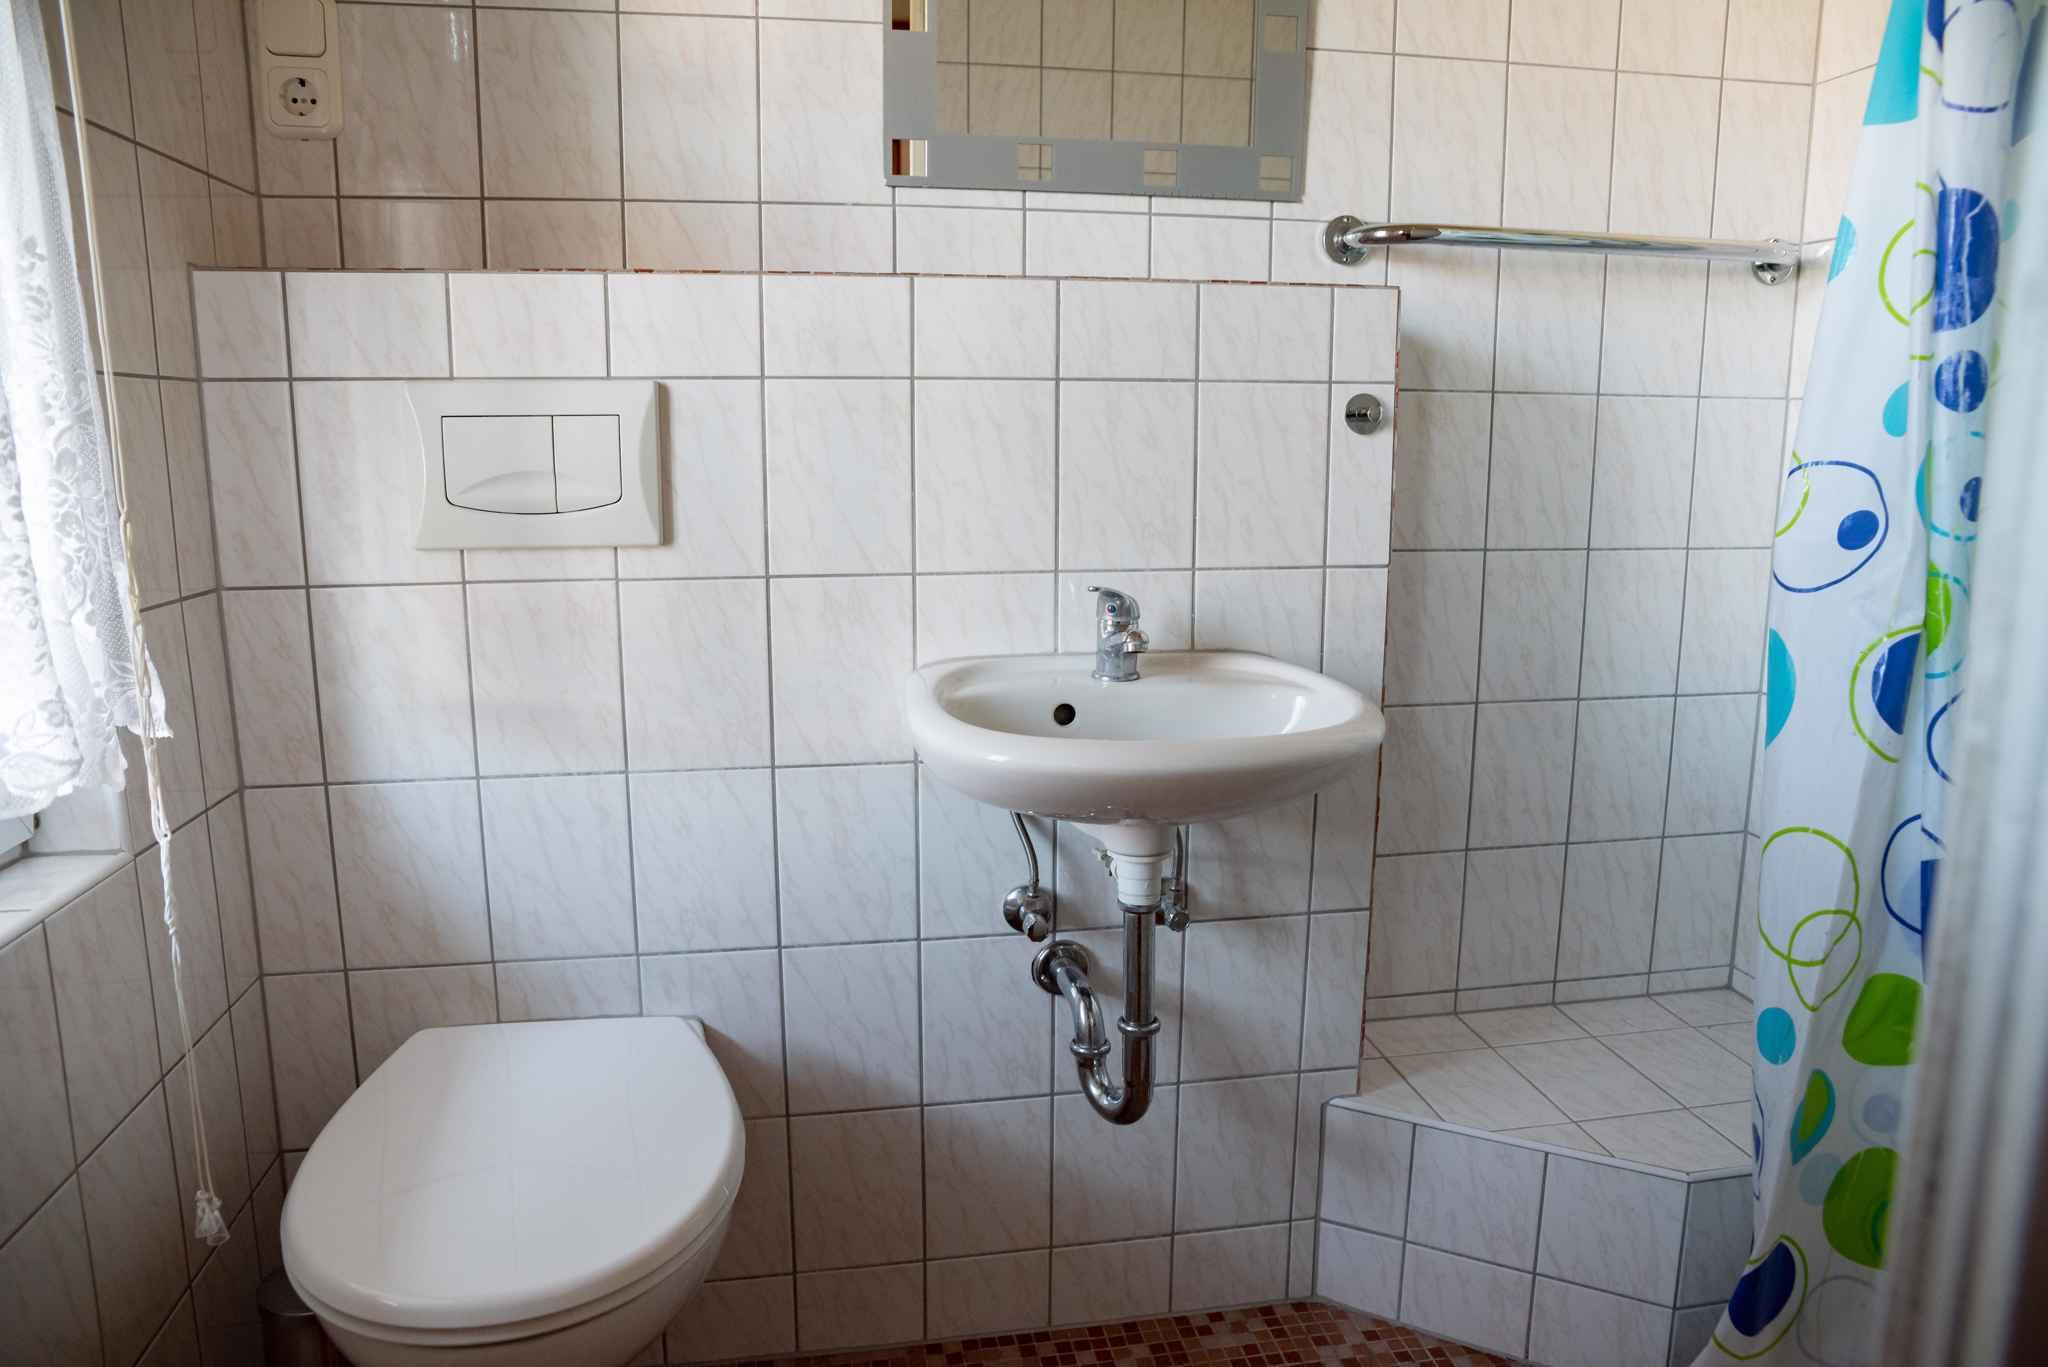 Ferienhaus Bungalow mit Terrasse und Garten (356789), Fuhlendorf, Ostseeküste Mecklenburg-Vorpommern, Mecklenburg-Vorpommern, Deutschland, Bild 7